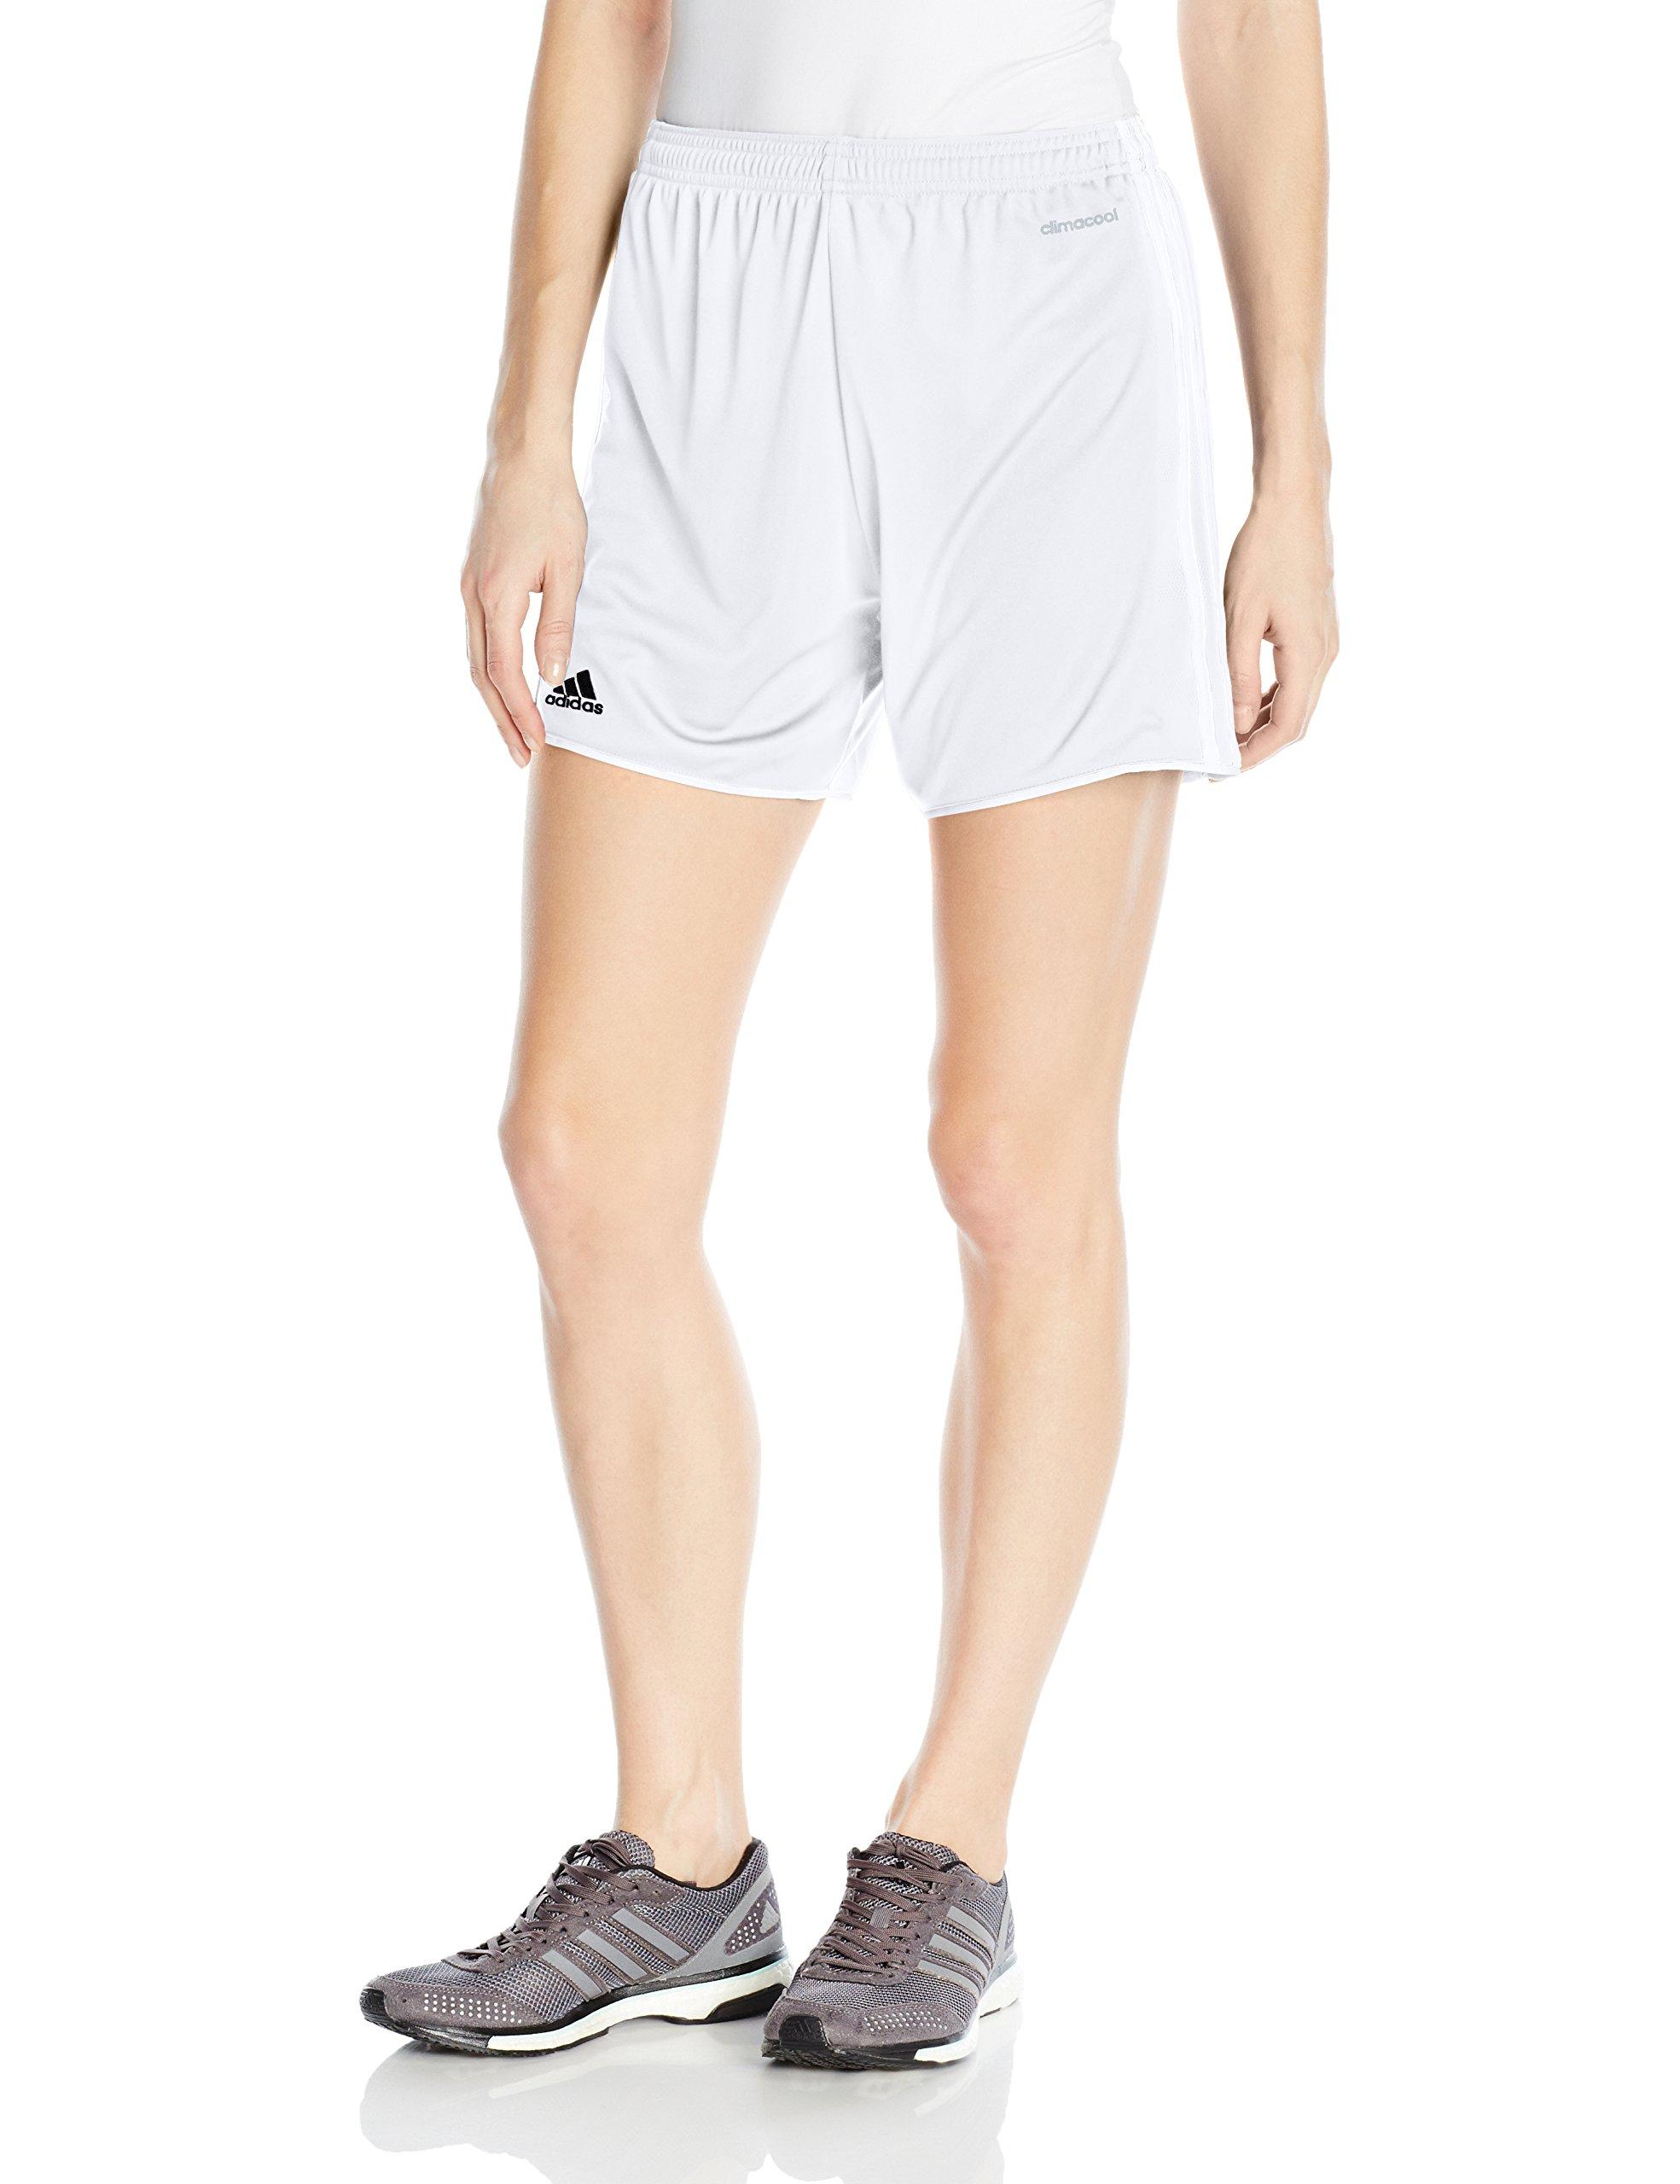 adidas Women's Soccer Tastigo 17 Shorts, White/White, Small